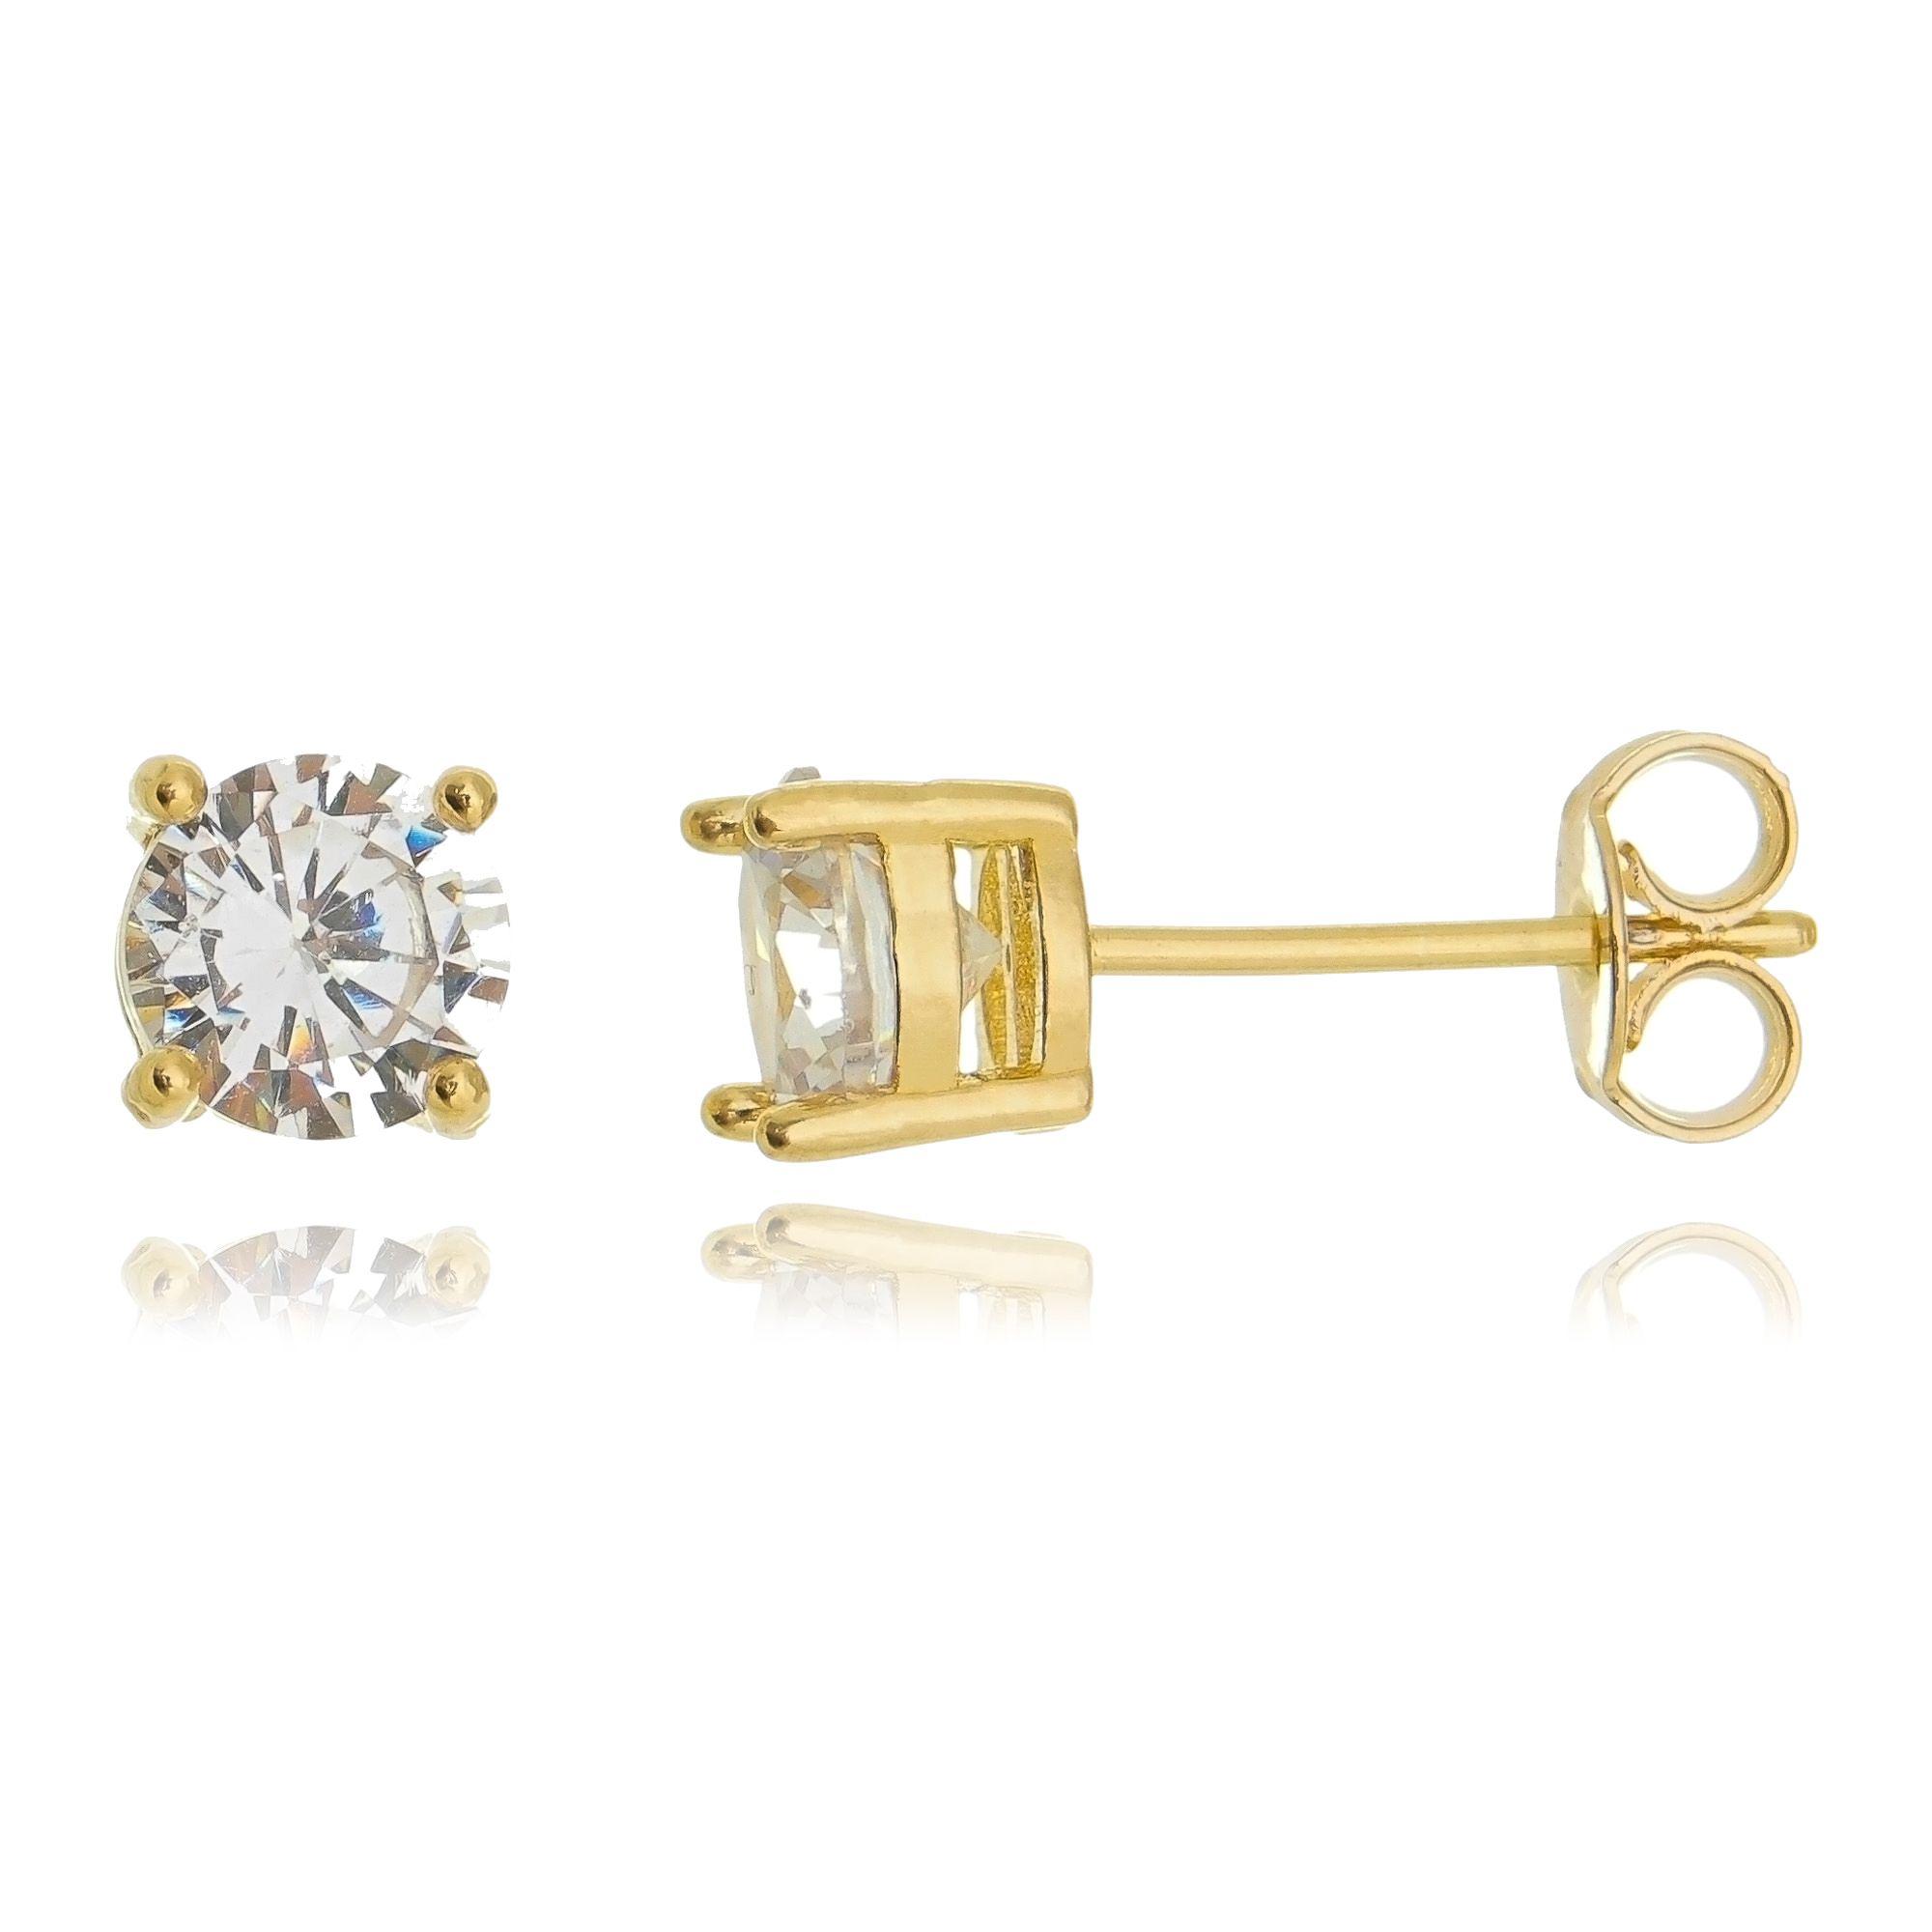 Brinco Solitário 6 mm Dourado Zircônia Cristal Redonda Semijoia Ouro 18K   - Soloyou